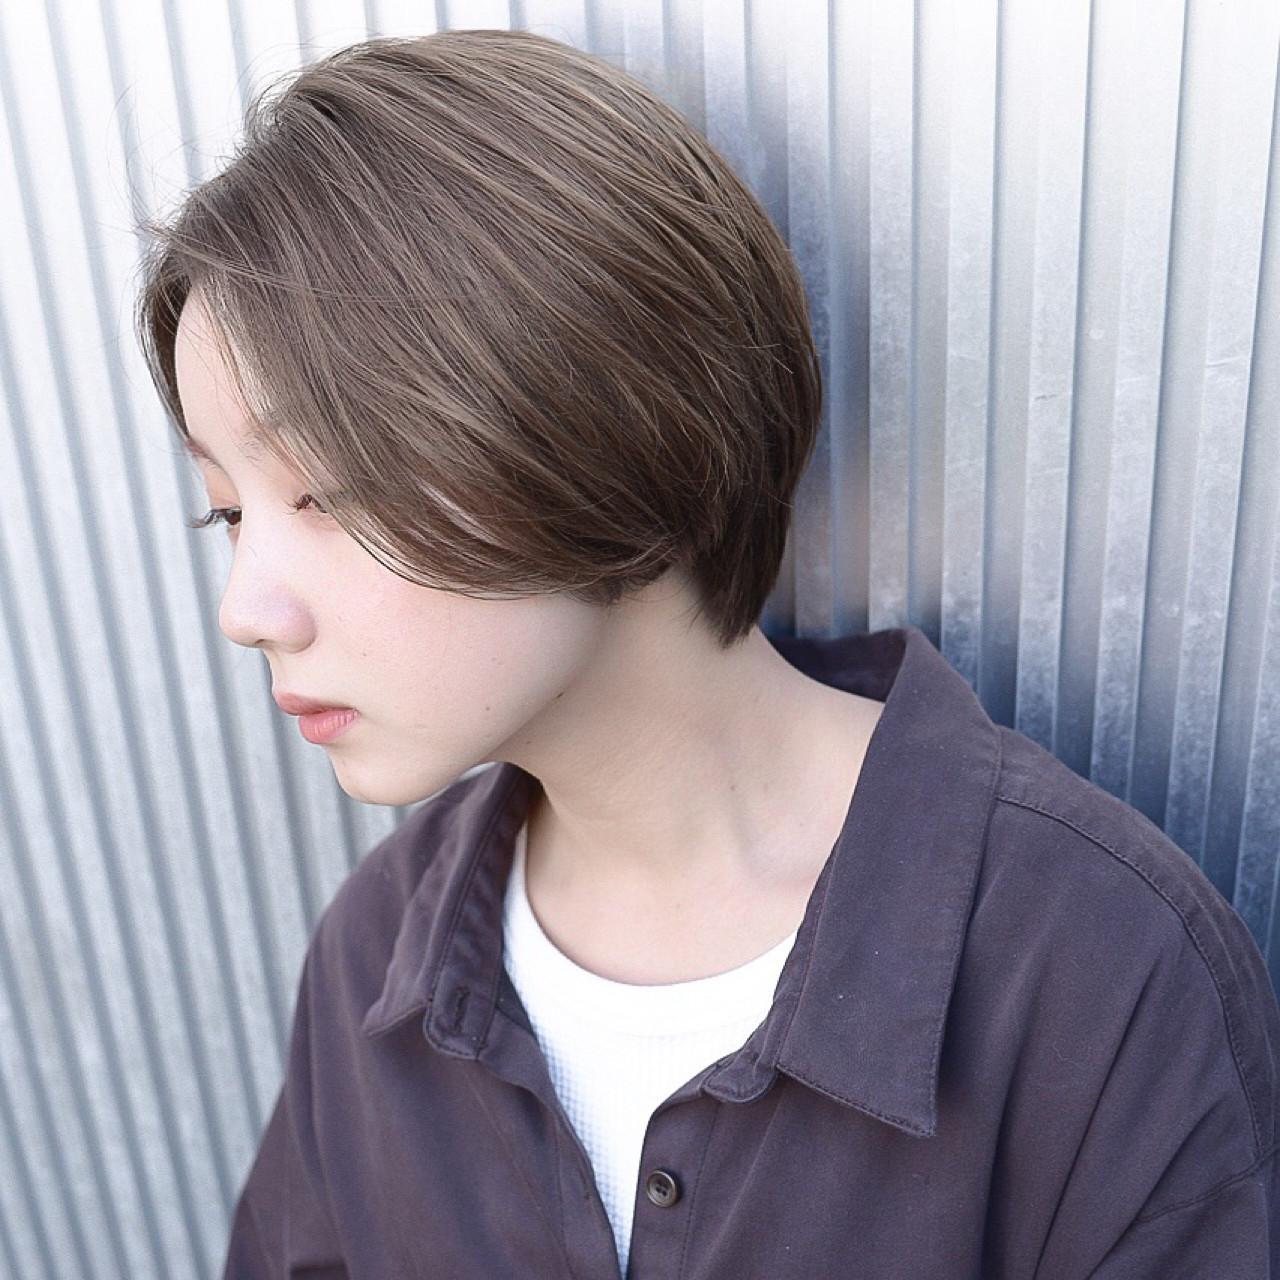 透明感 ナチュラル ショート アッシュ ヘアスタイルや髪型の写真・画像